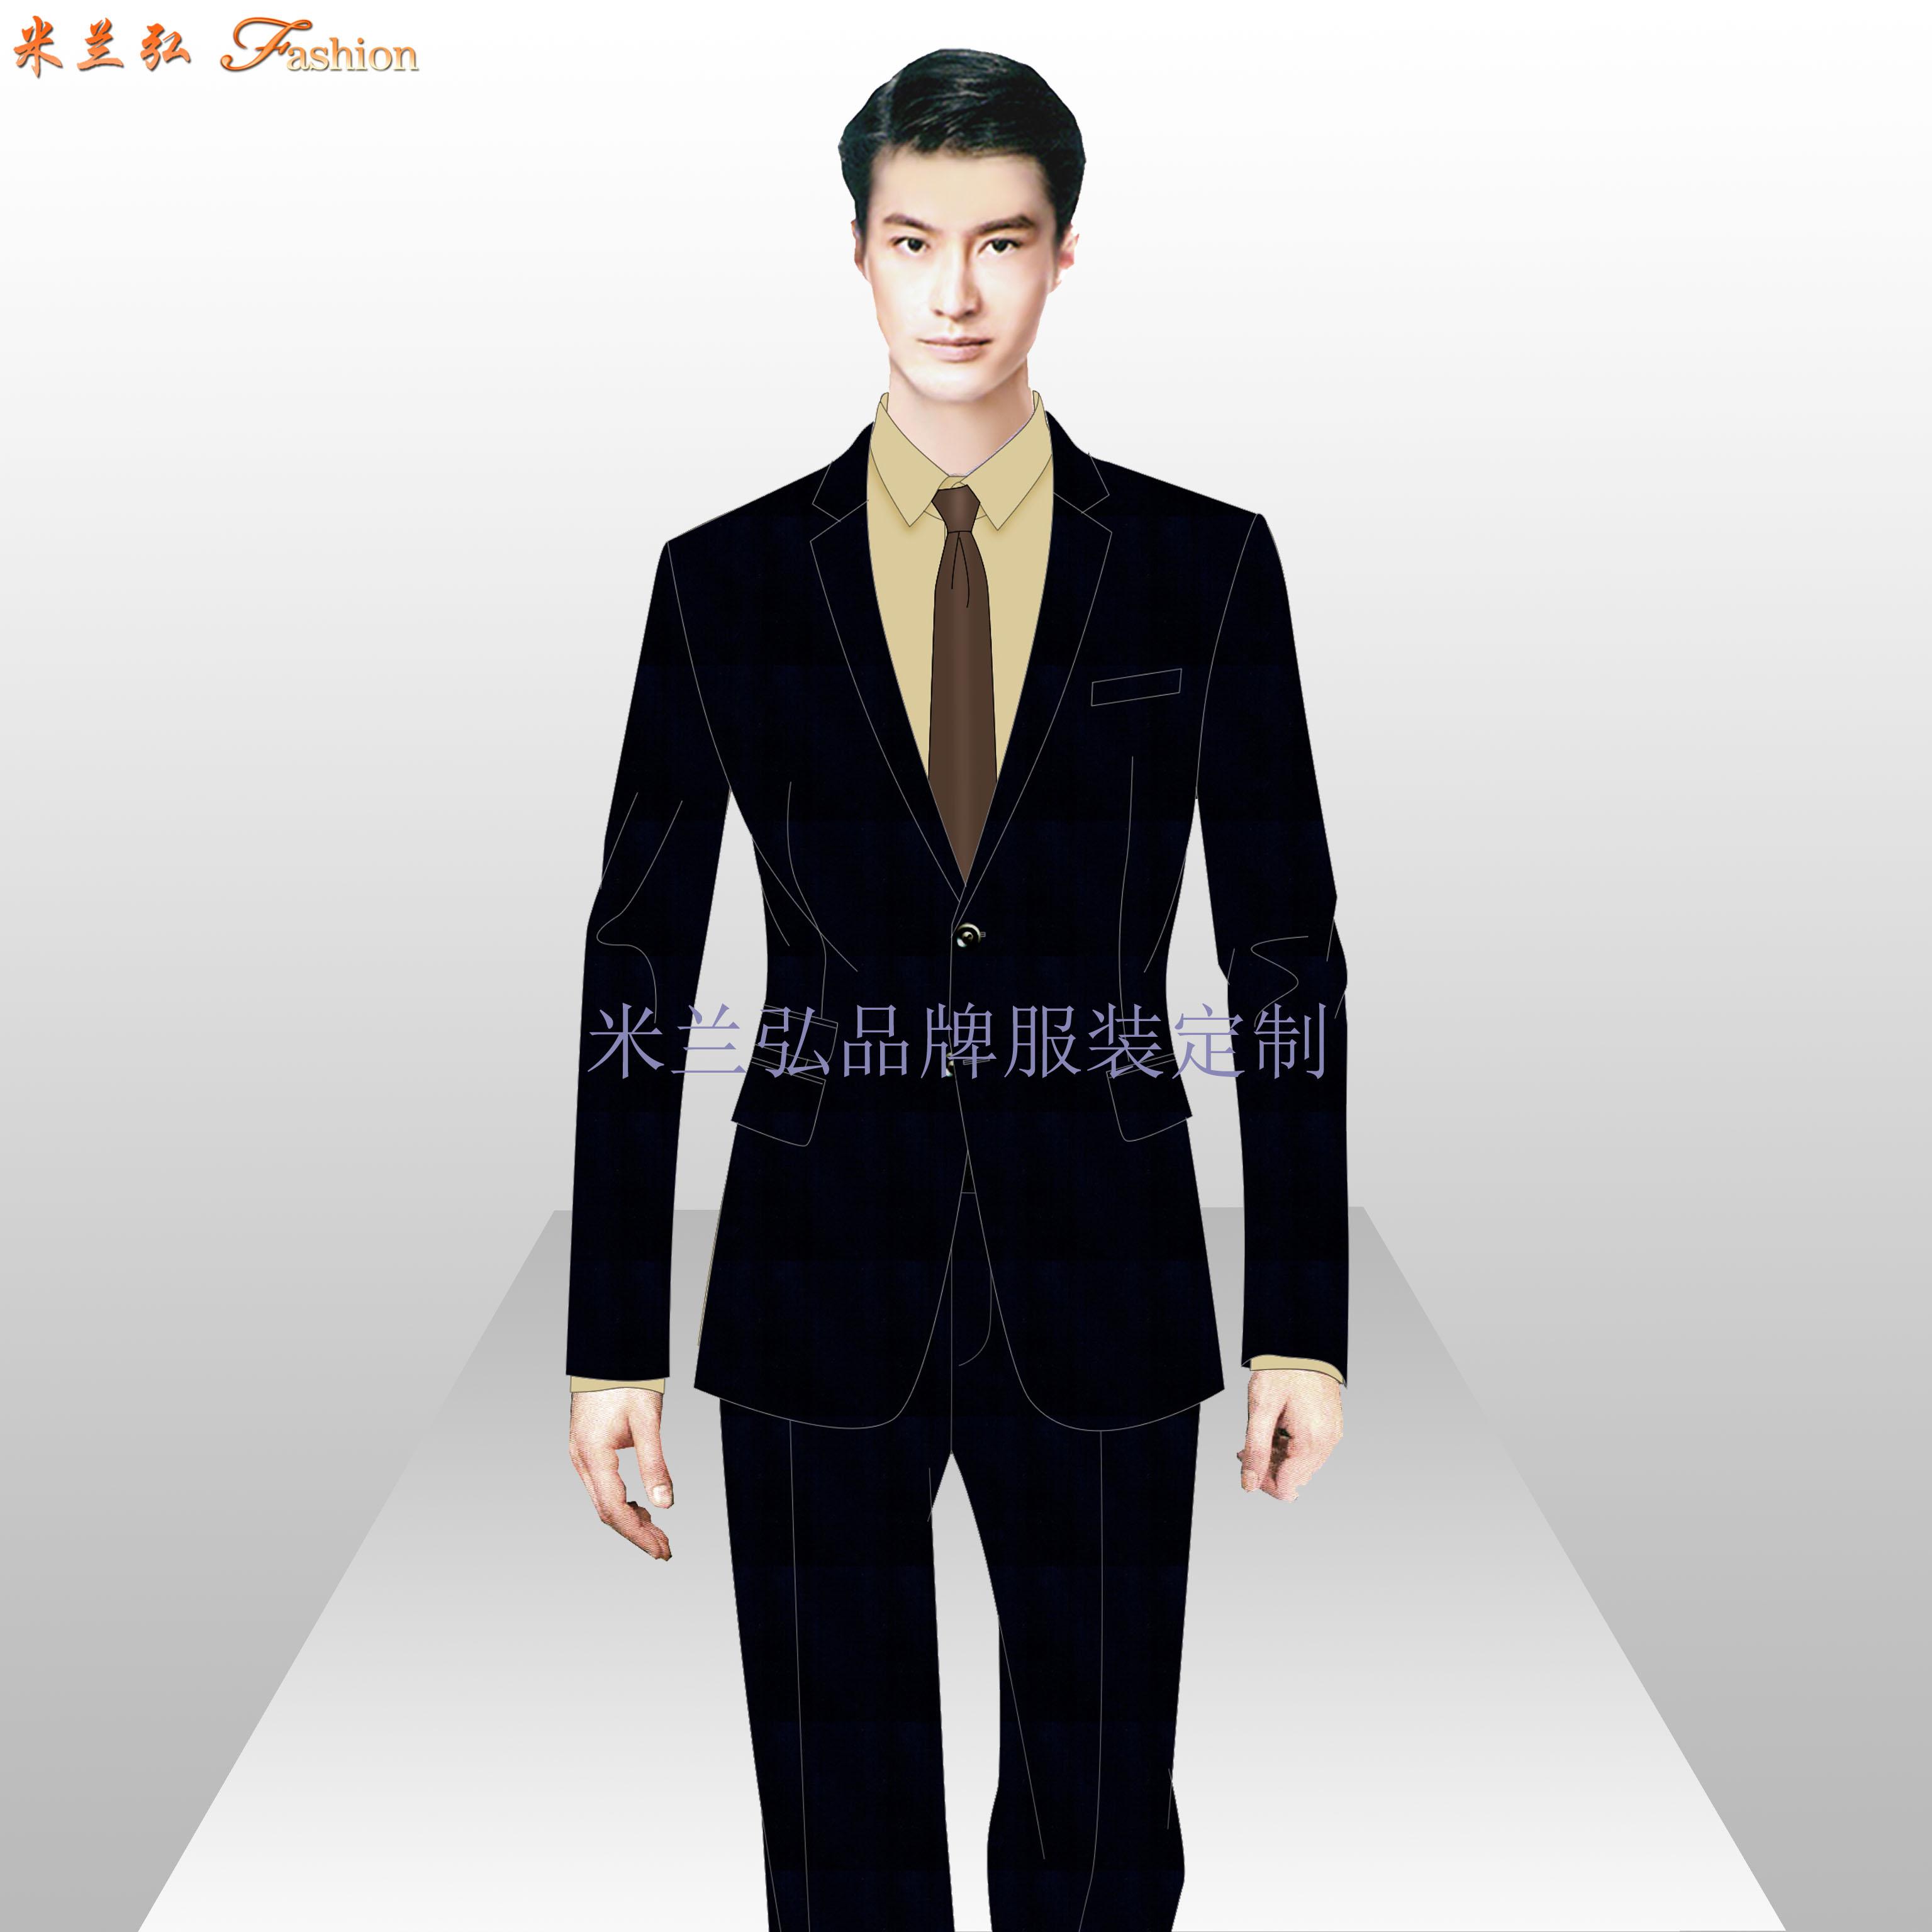 通州區西服定制_北京通州職業裝訂做-米蘭弘服裝廠家-4